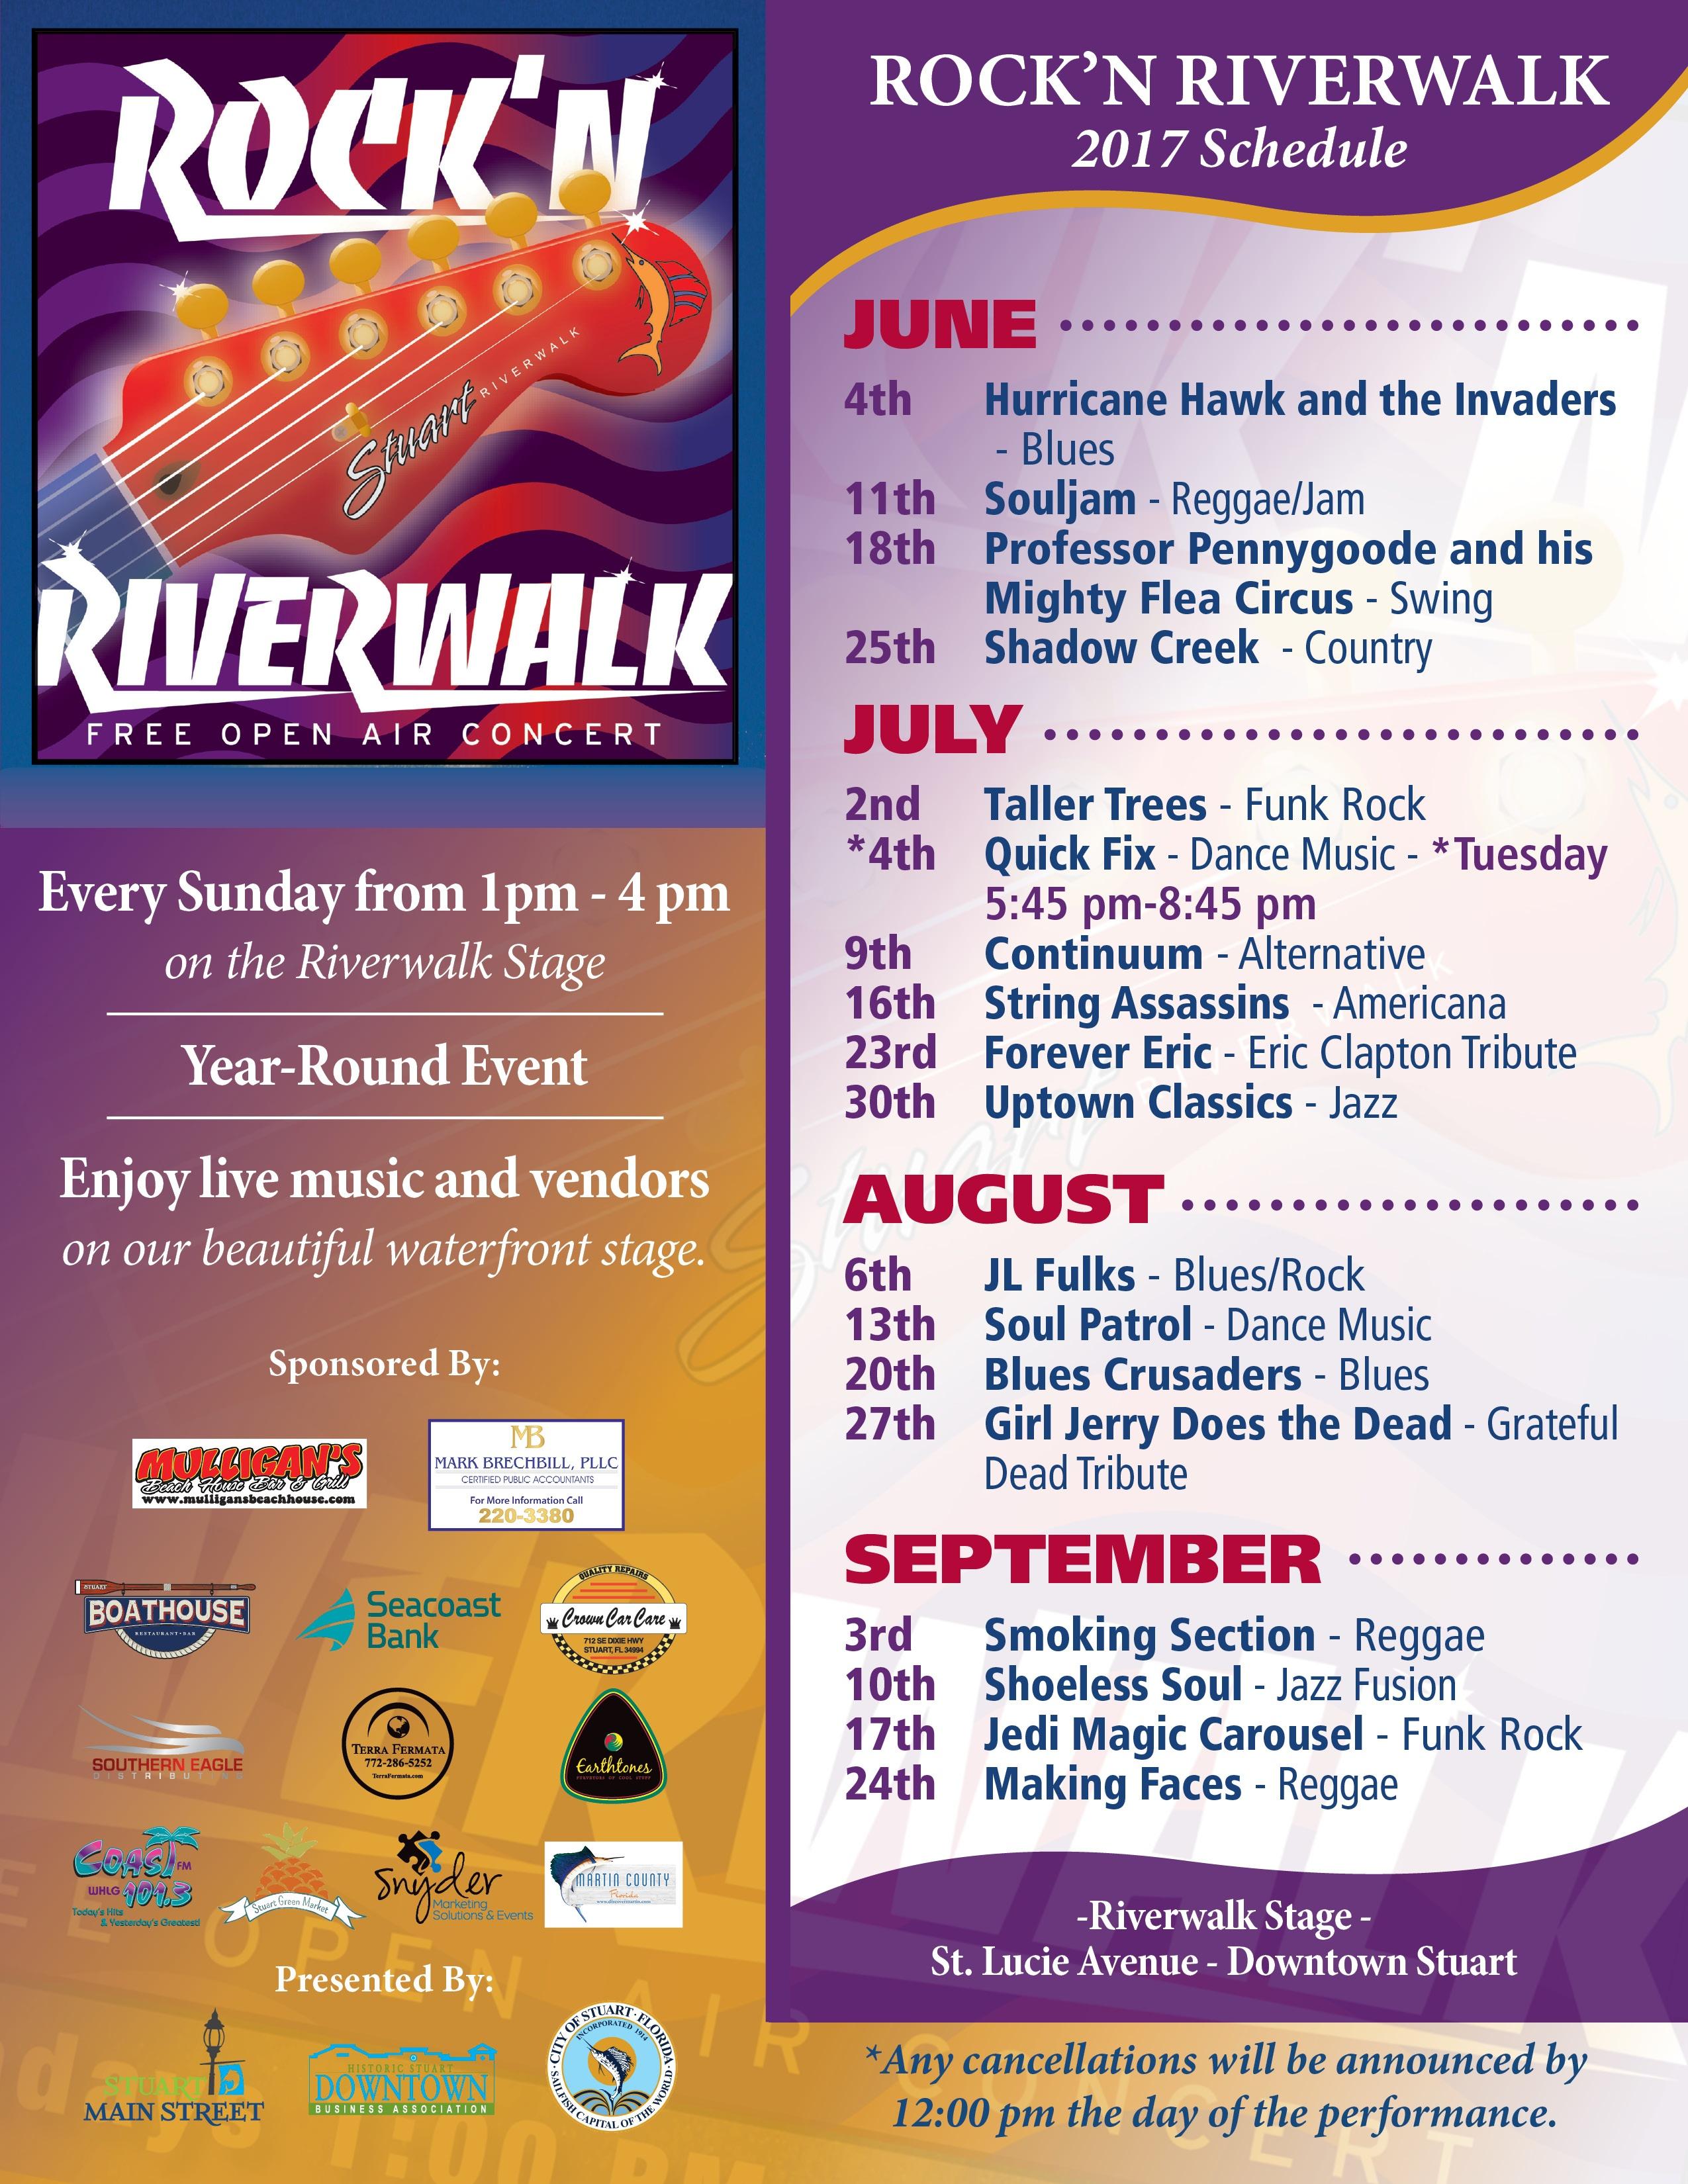 RocknRiverwalk_062017-791x1024.jpg